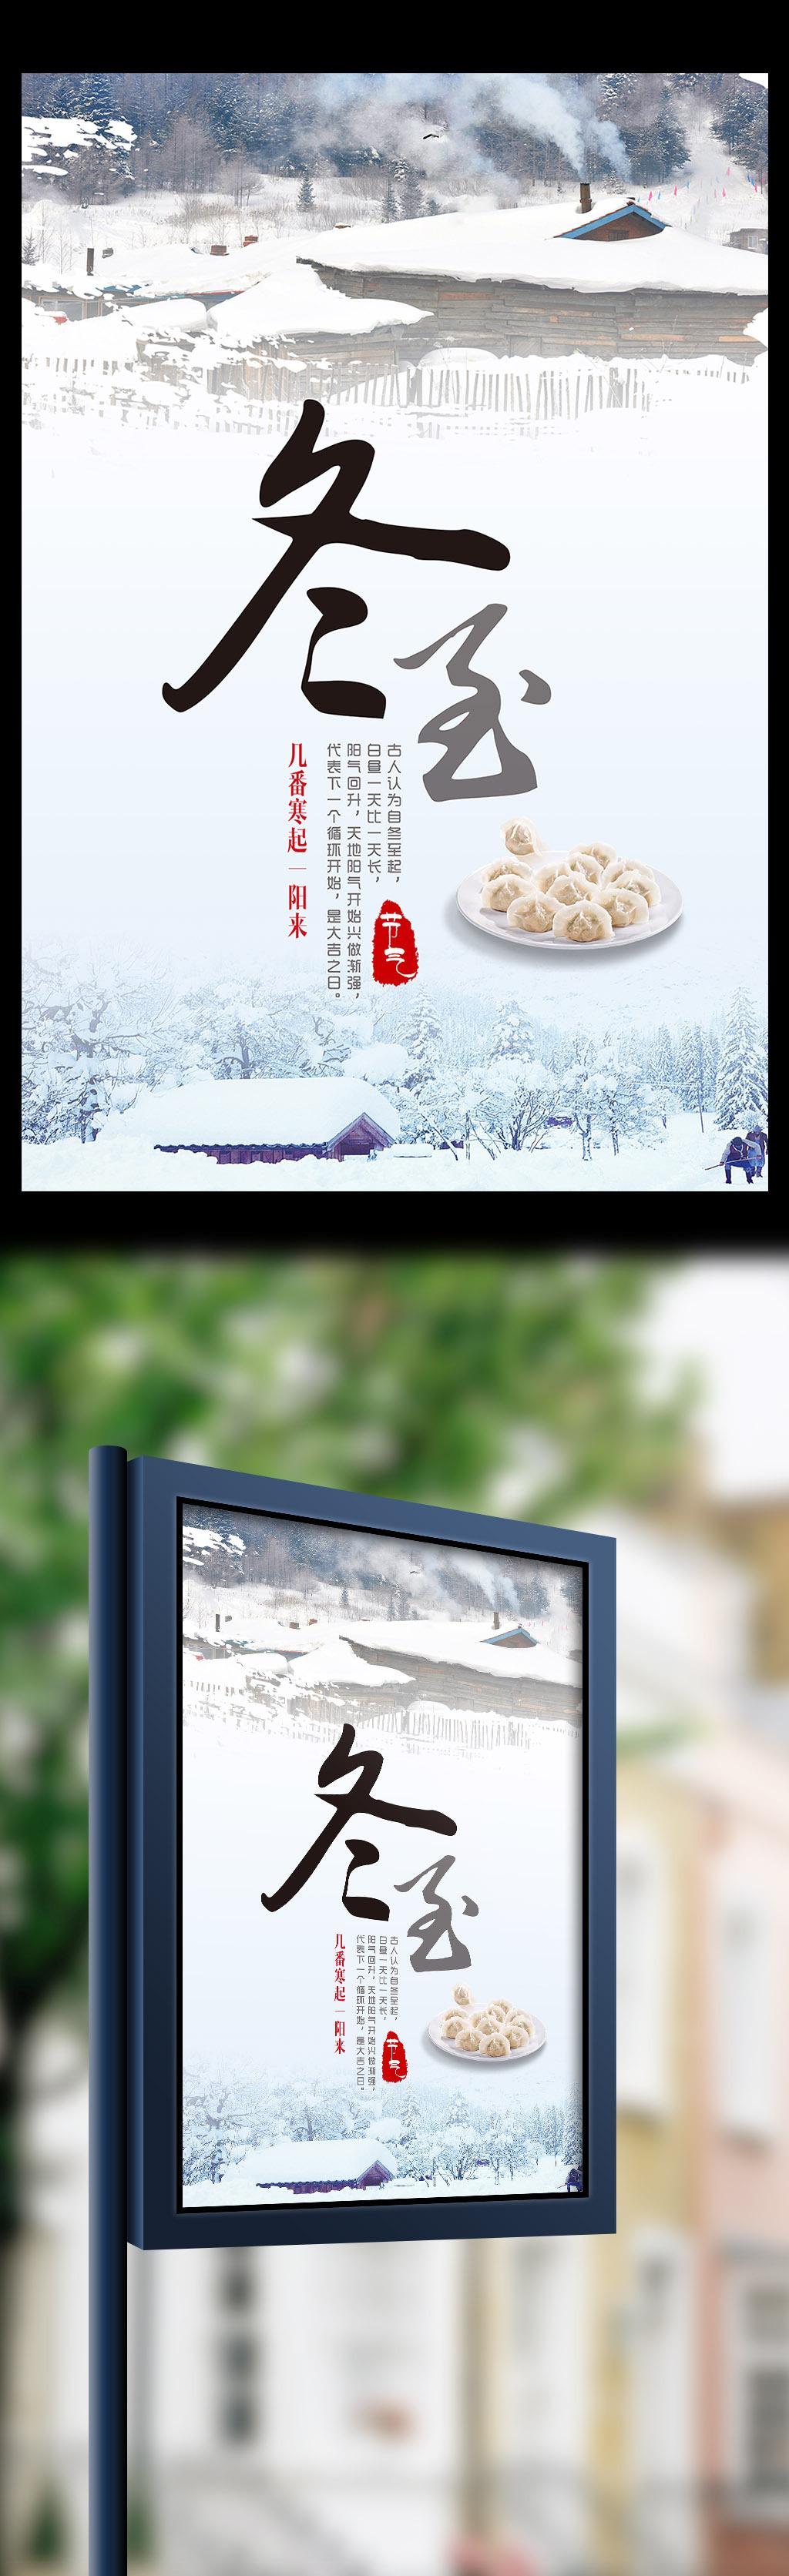 冬至24节气中国节气海报下载 冬至24节气中国节气海报图片素材PSD